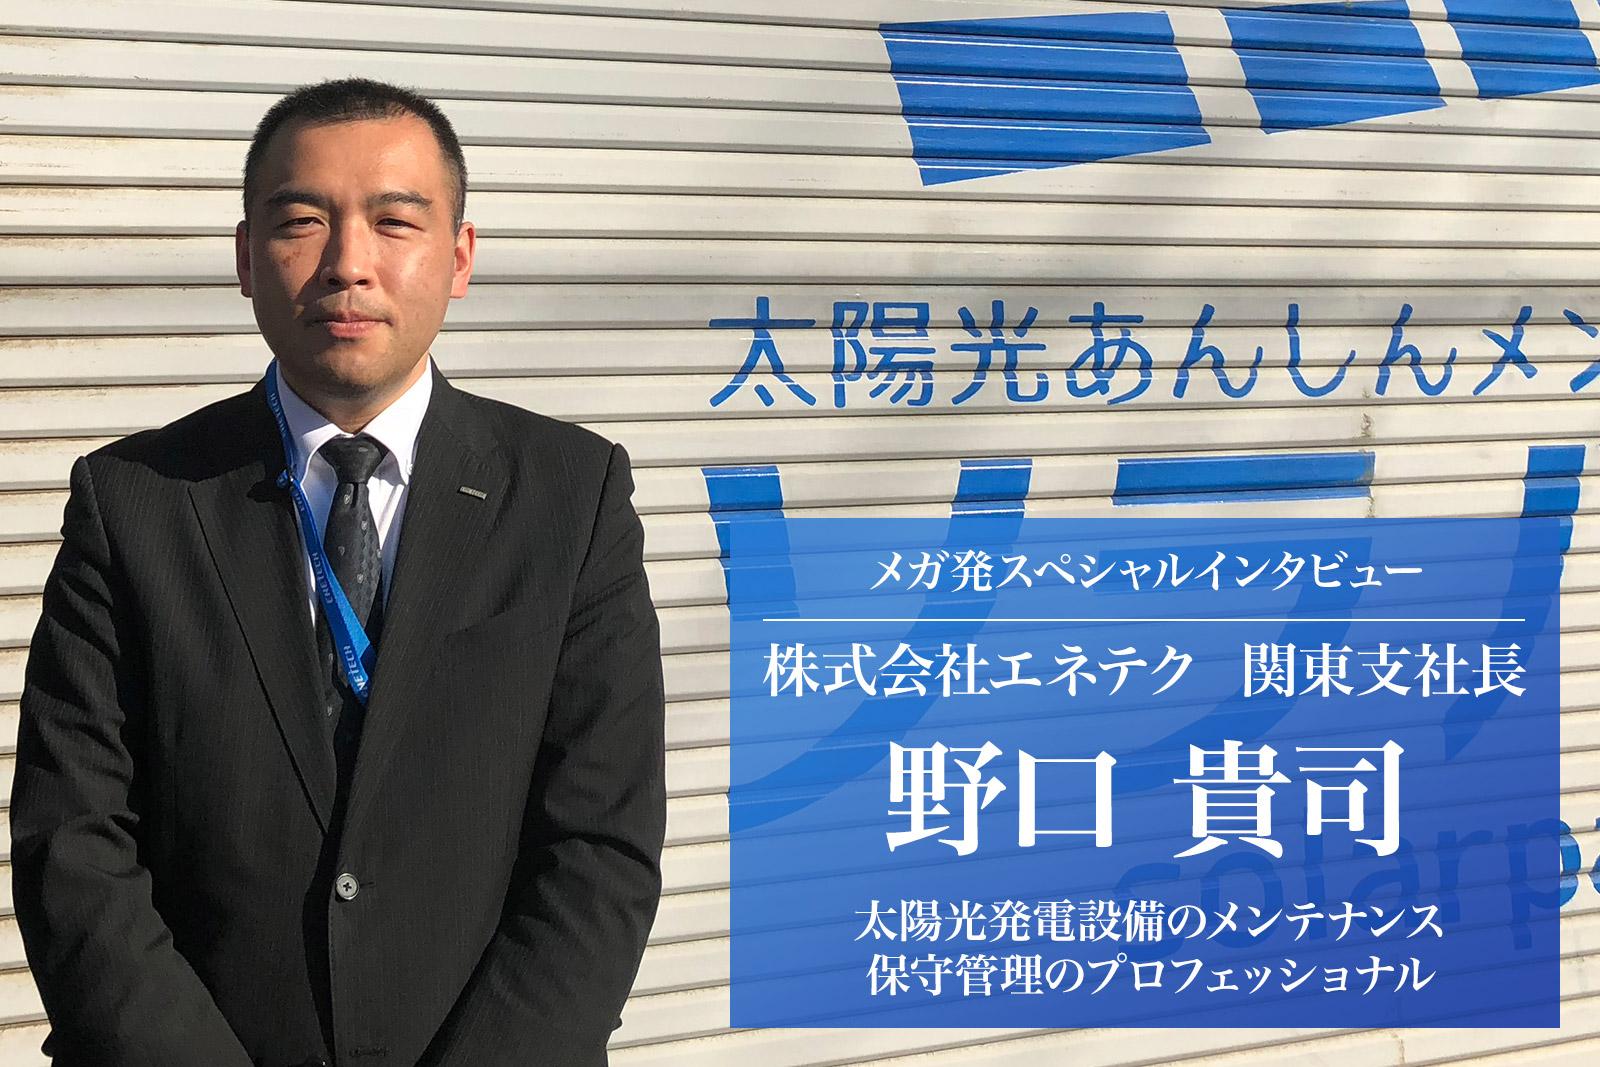 【メガ発インタビュー】株式会社ENETECH(エネテク)